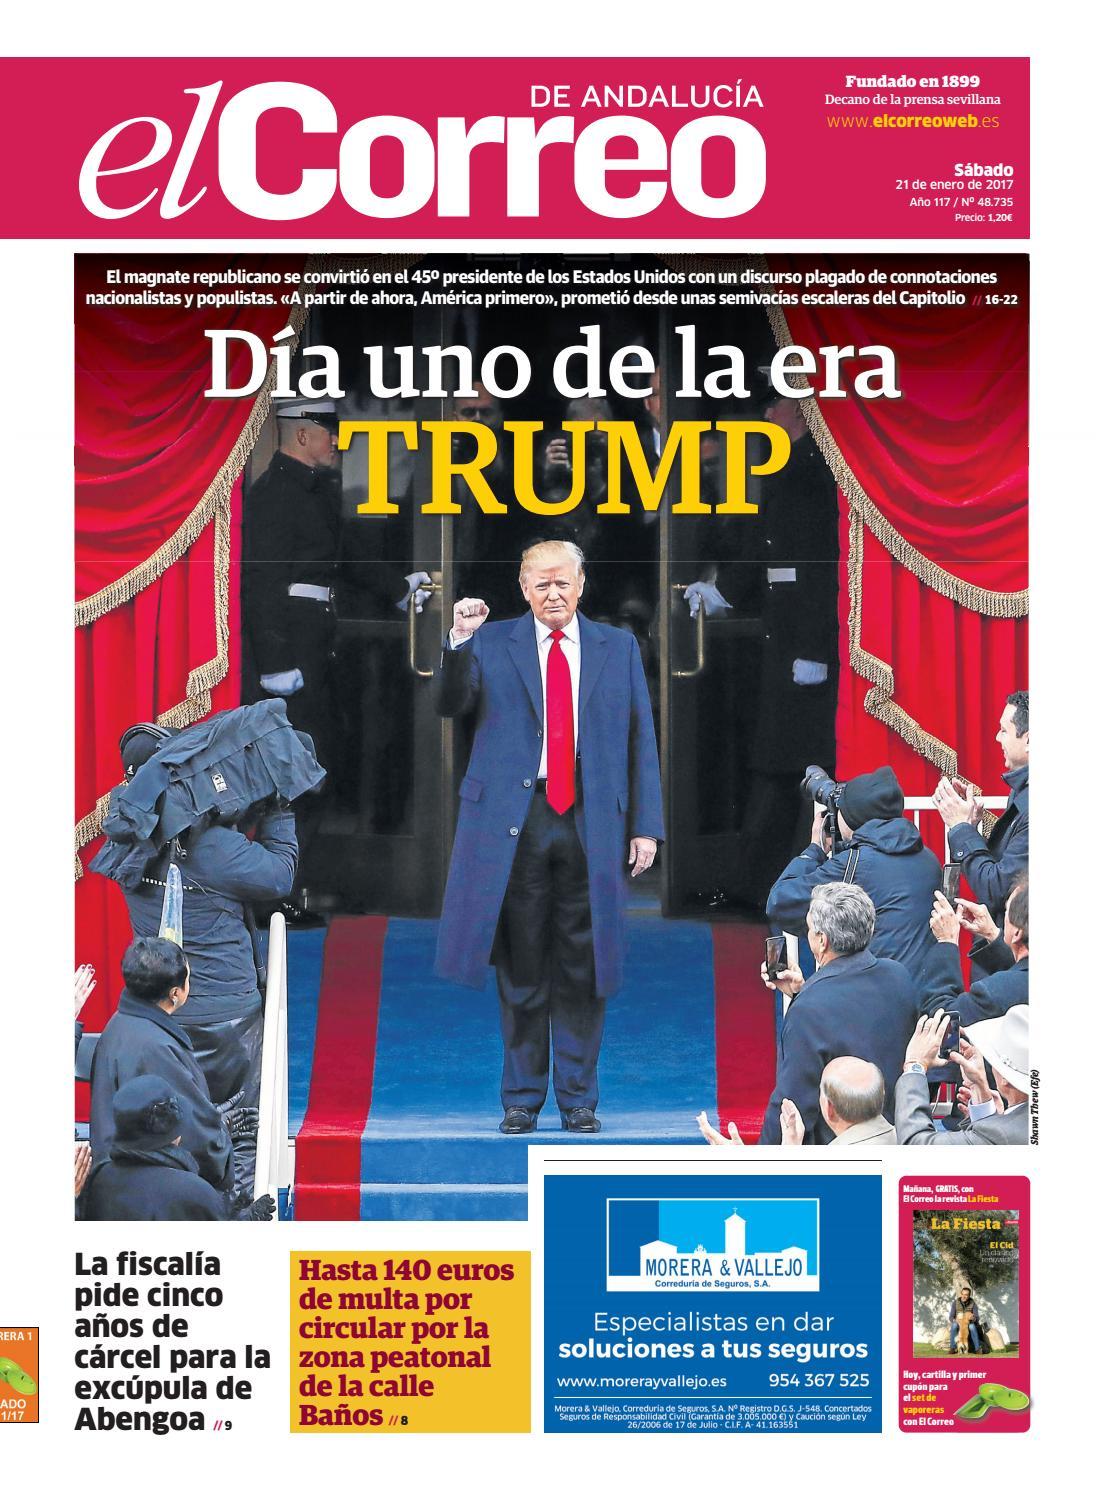 21 01 2017 El Correo de Andalucía by EL CORREO DE ANDALUCÍA S.L. - issuu